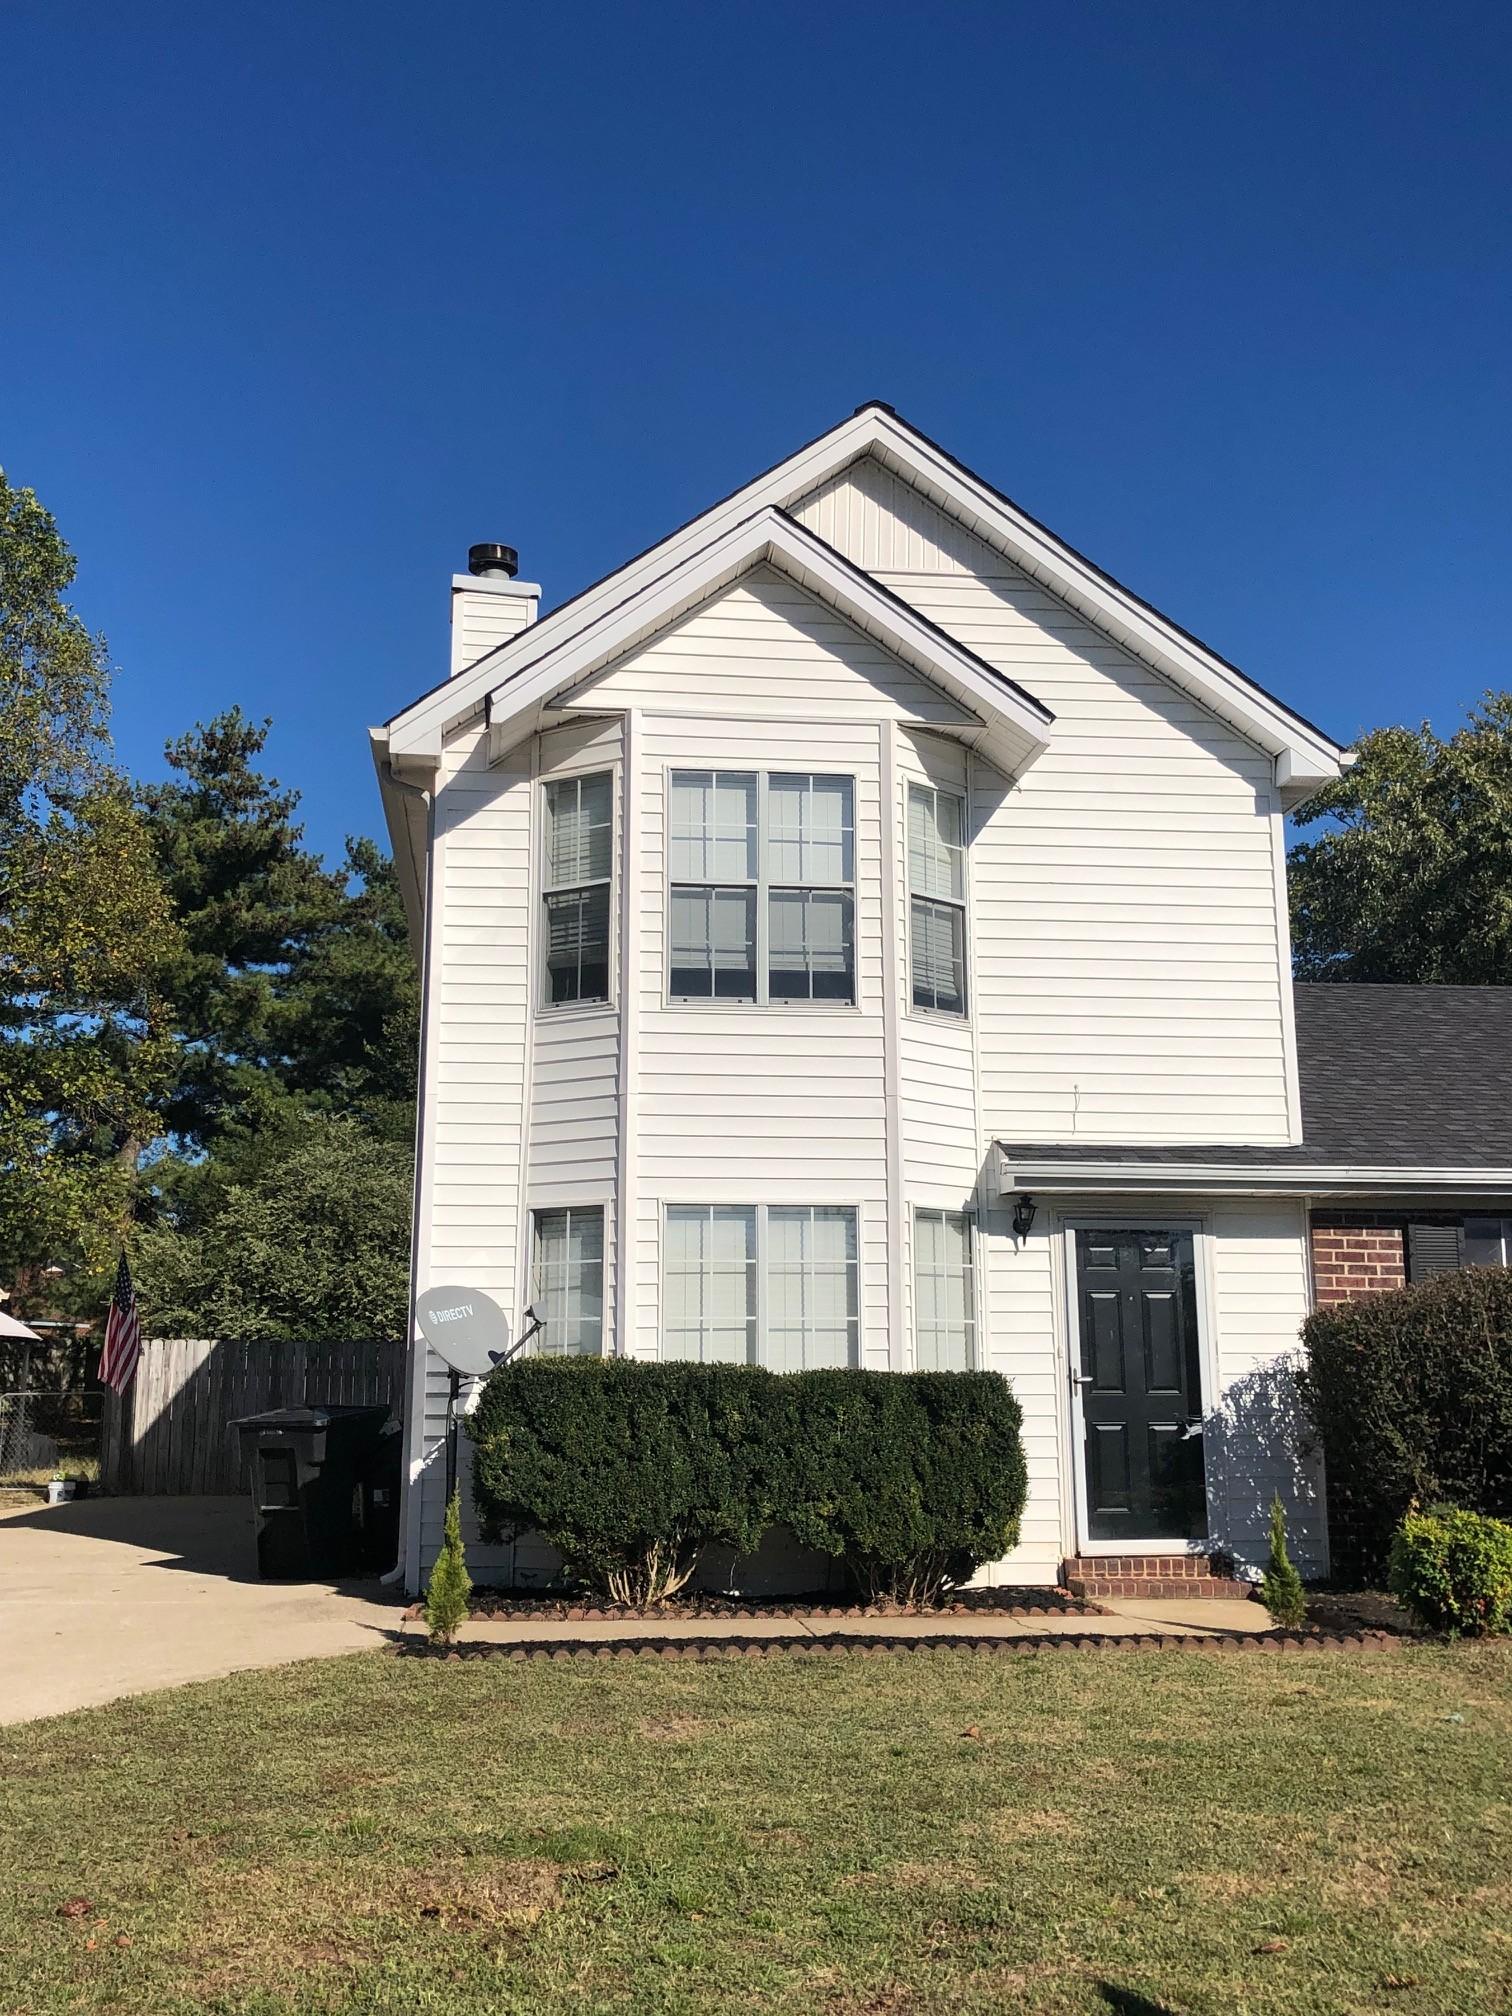 516 Westgate Blvd, Murfreesboro, TN 37128 - Murfreesboro, TN real estate listing